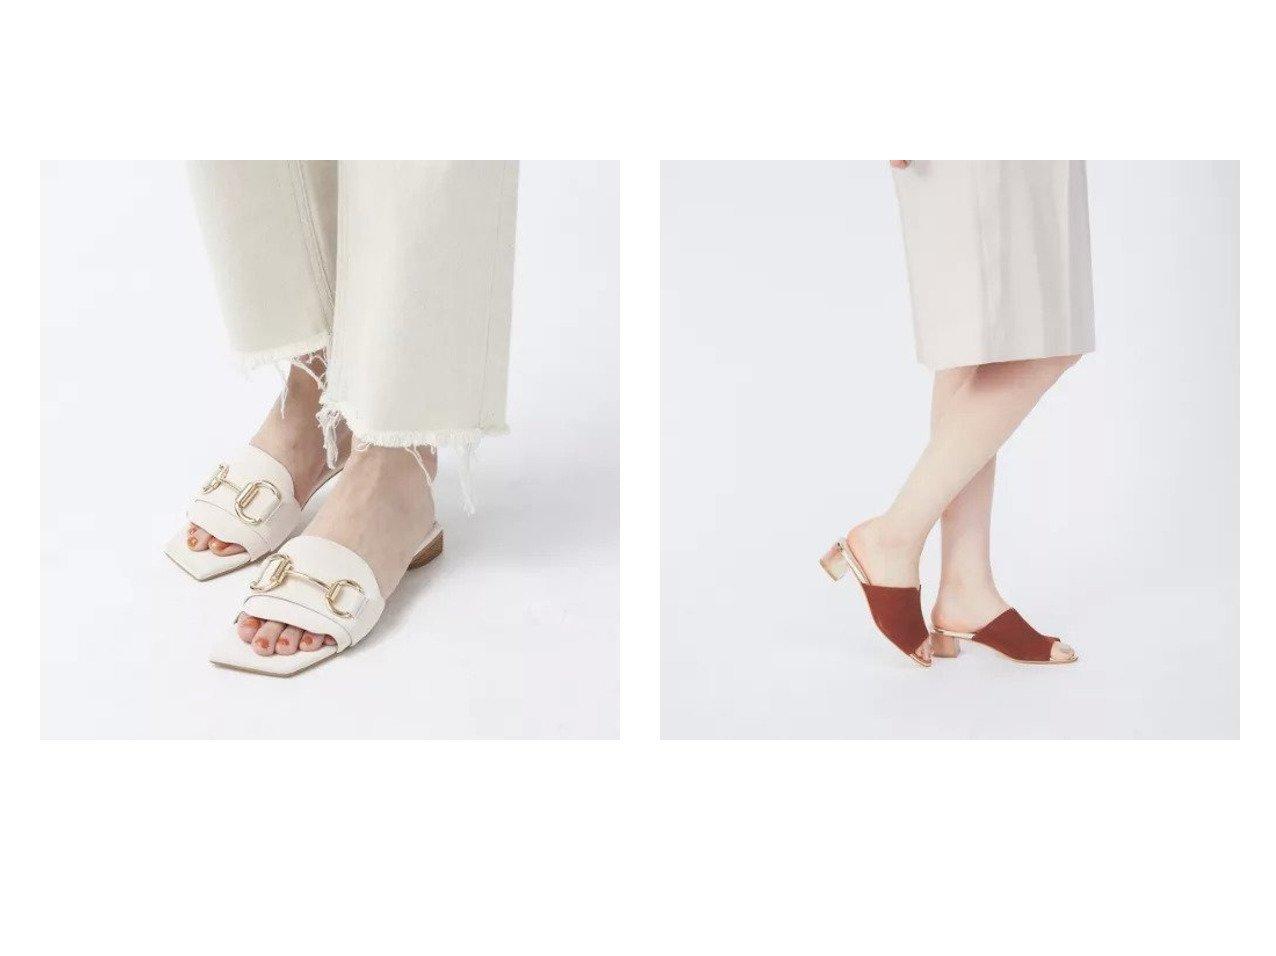 【Au BANNISTER/オゥ バニスター】のアシンメトリービットサンダル&マーブルヒールミュール 【シューズ・靴】おすすめ!人気、トレンド・レディースファッションの通販 おすすめで人気の流行・トレンド、ファッションの通販商品 メンズファッション・キッズファッション・インテリア・家具・レディースファッション・服の通販 founy(ファニー) https://founy.com/ ファッション Fashion レディースファッション WOMEN サンダル シューズ トレンド ブロック マーブル ミュール アシンメトリー ベーシック |ID:crp329100000031439